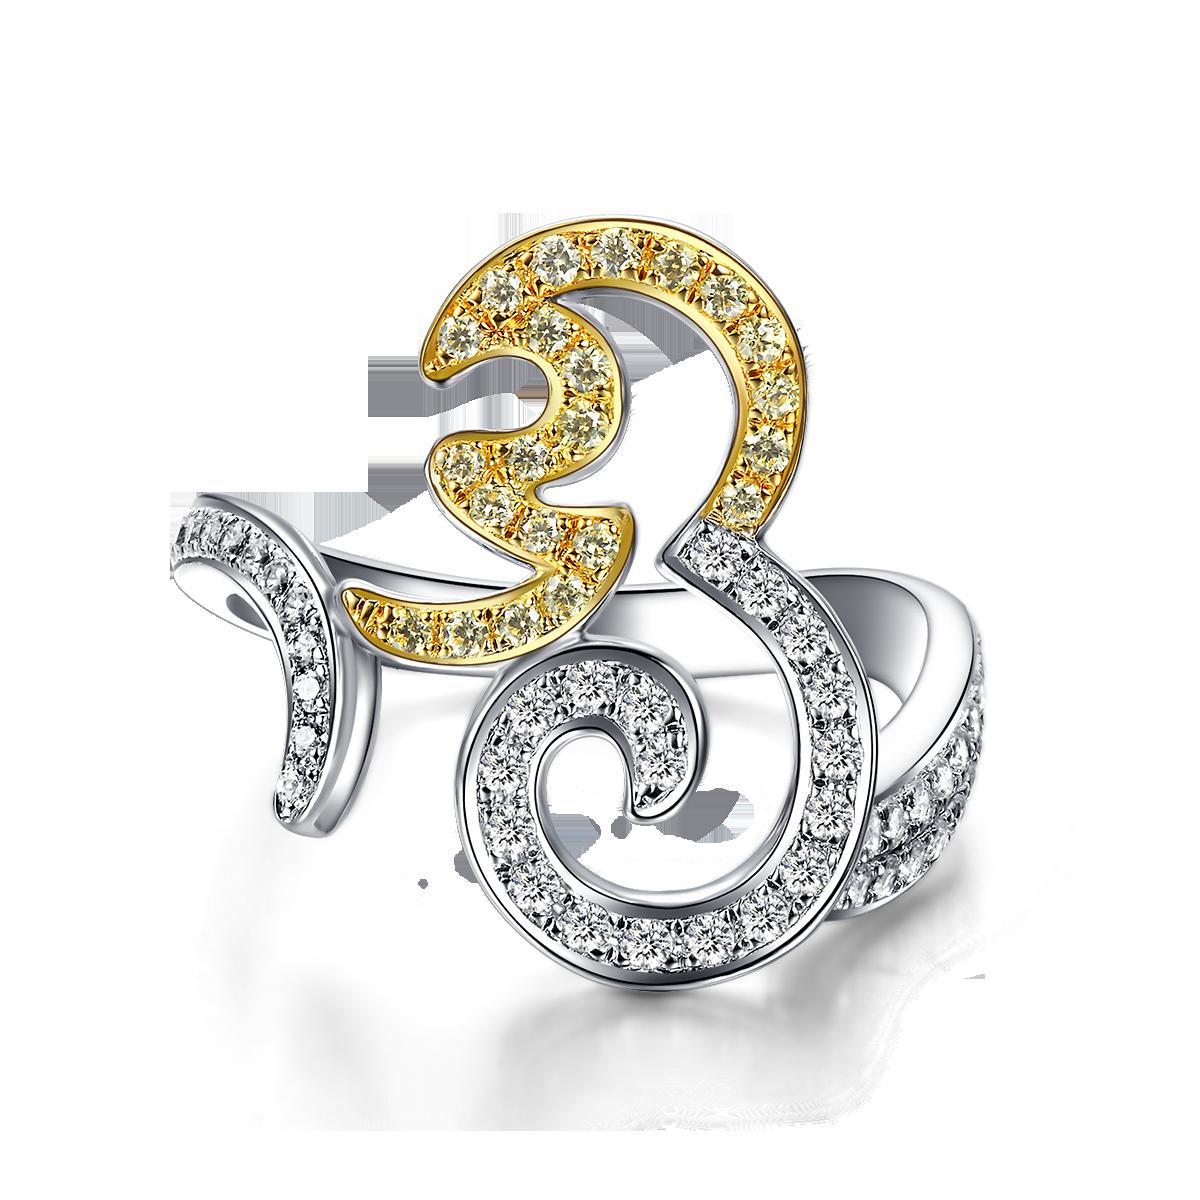 天然黃白鑽彌猴戒指 LDTSR0162